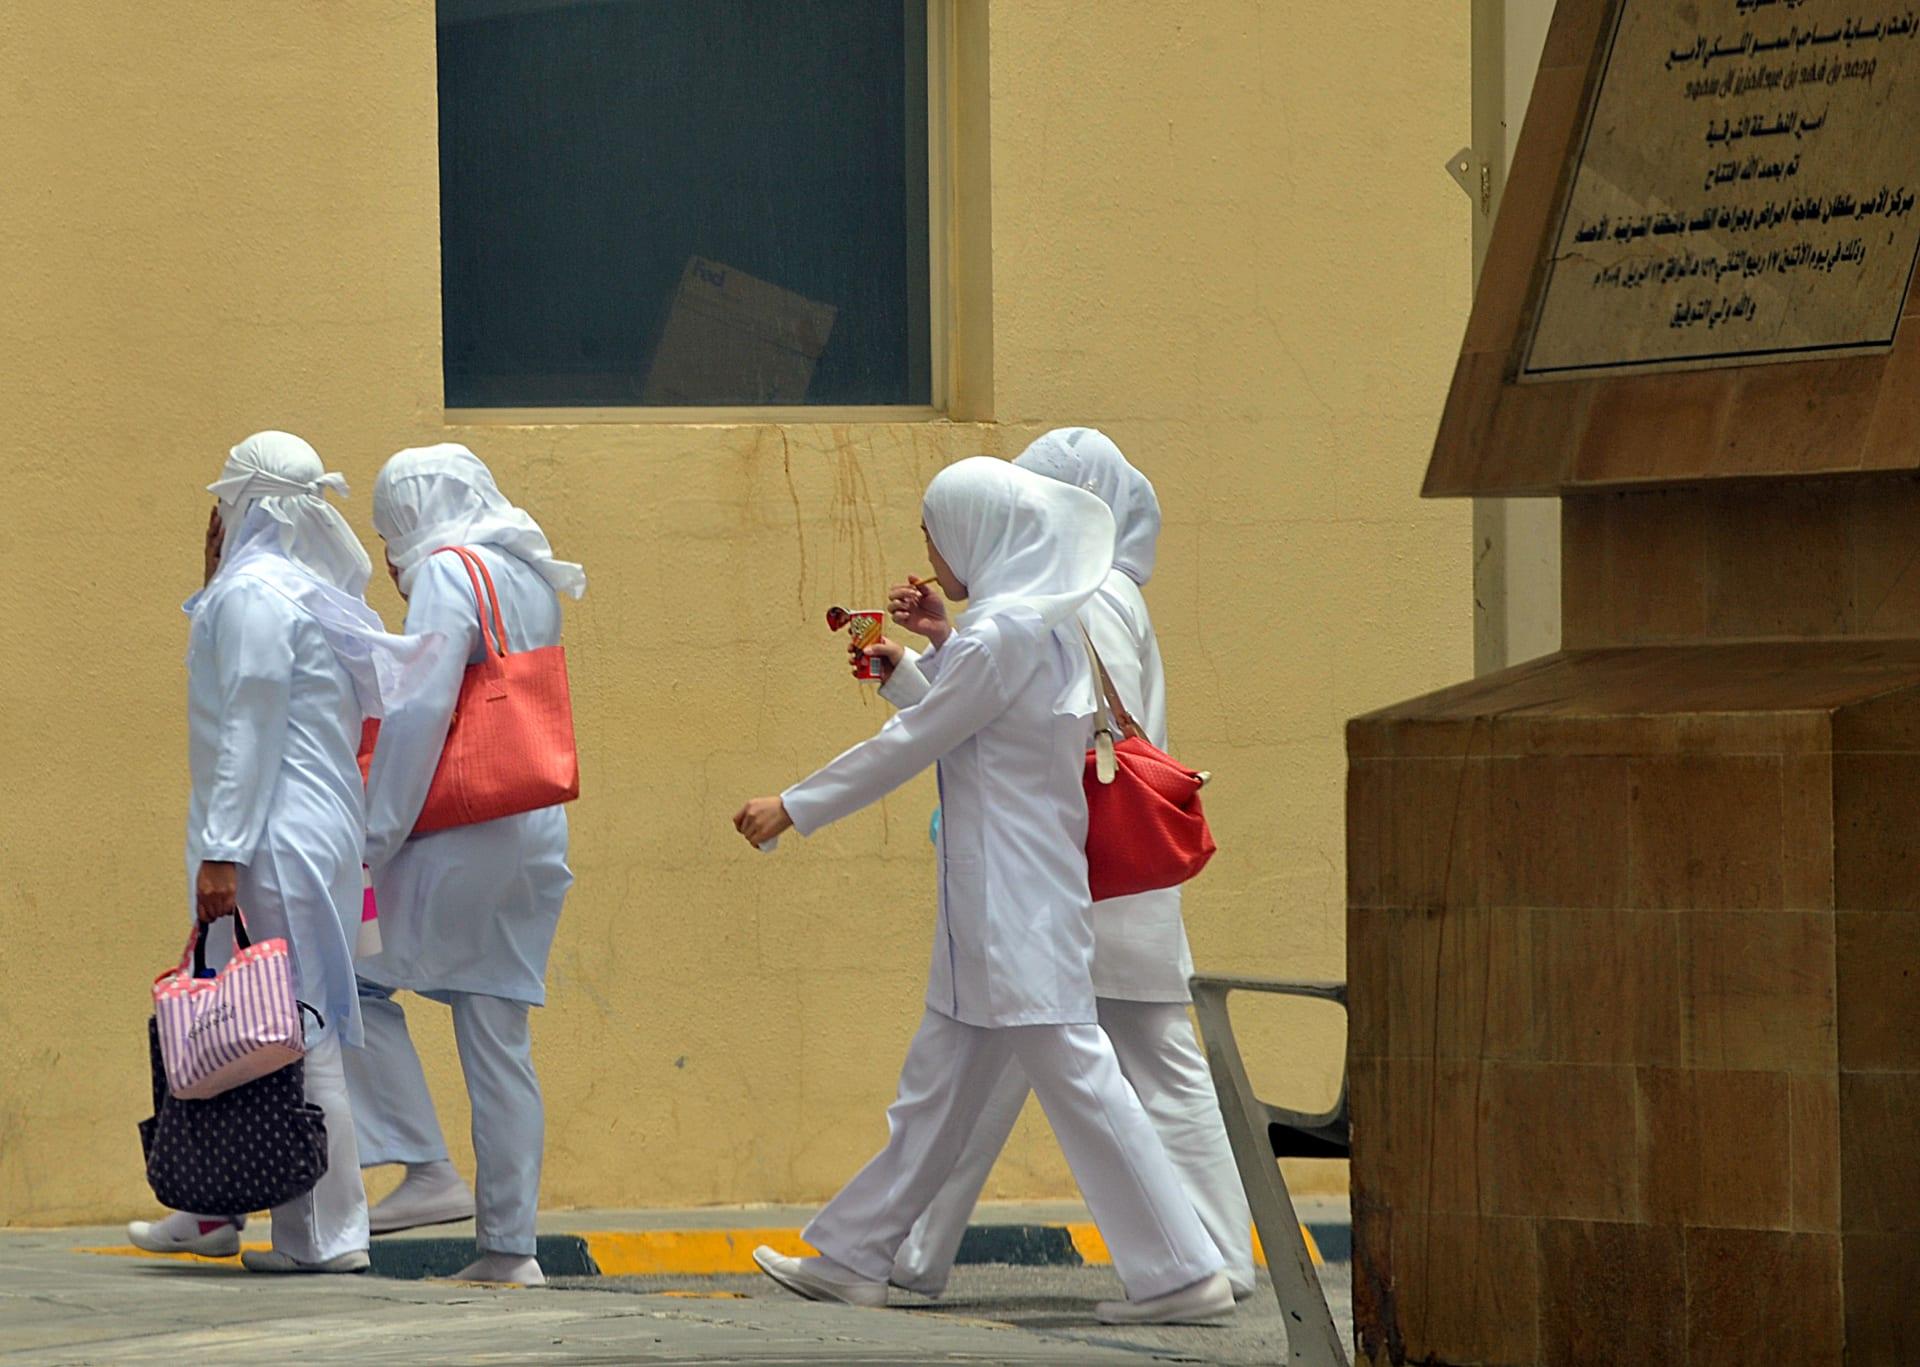 صورة أرشيفية (تعبيرية) لممرضات بأحد مستشفيات السعودية العام 2013